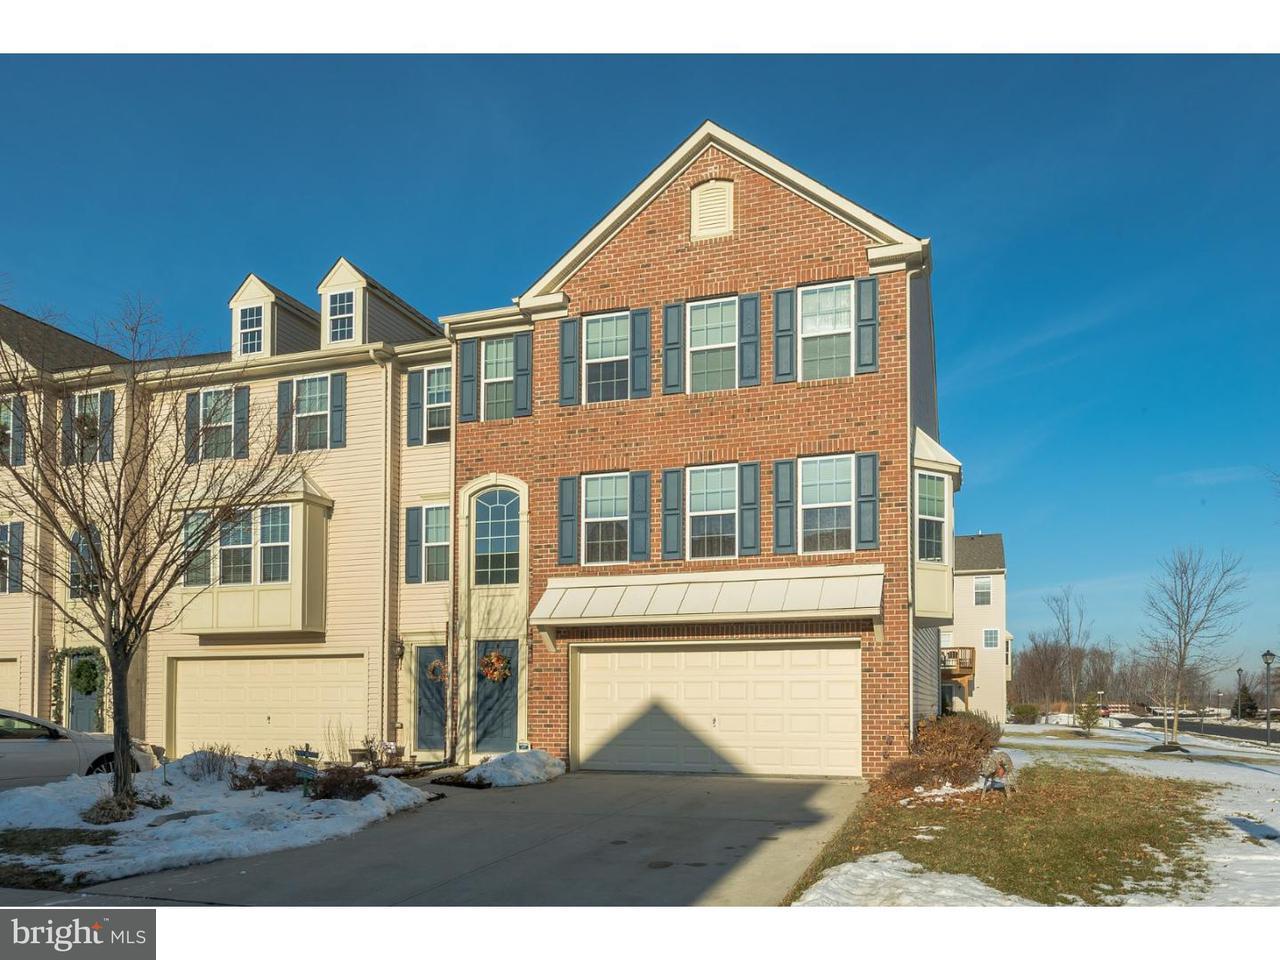 Stadthaus für Verkauf beim 315 NATHAN Drive Cinnaminson Township, New Jersey 08077 Vereinigte Staaten